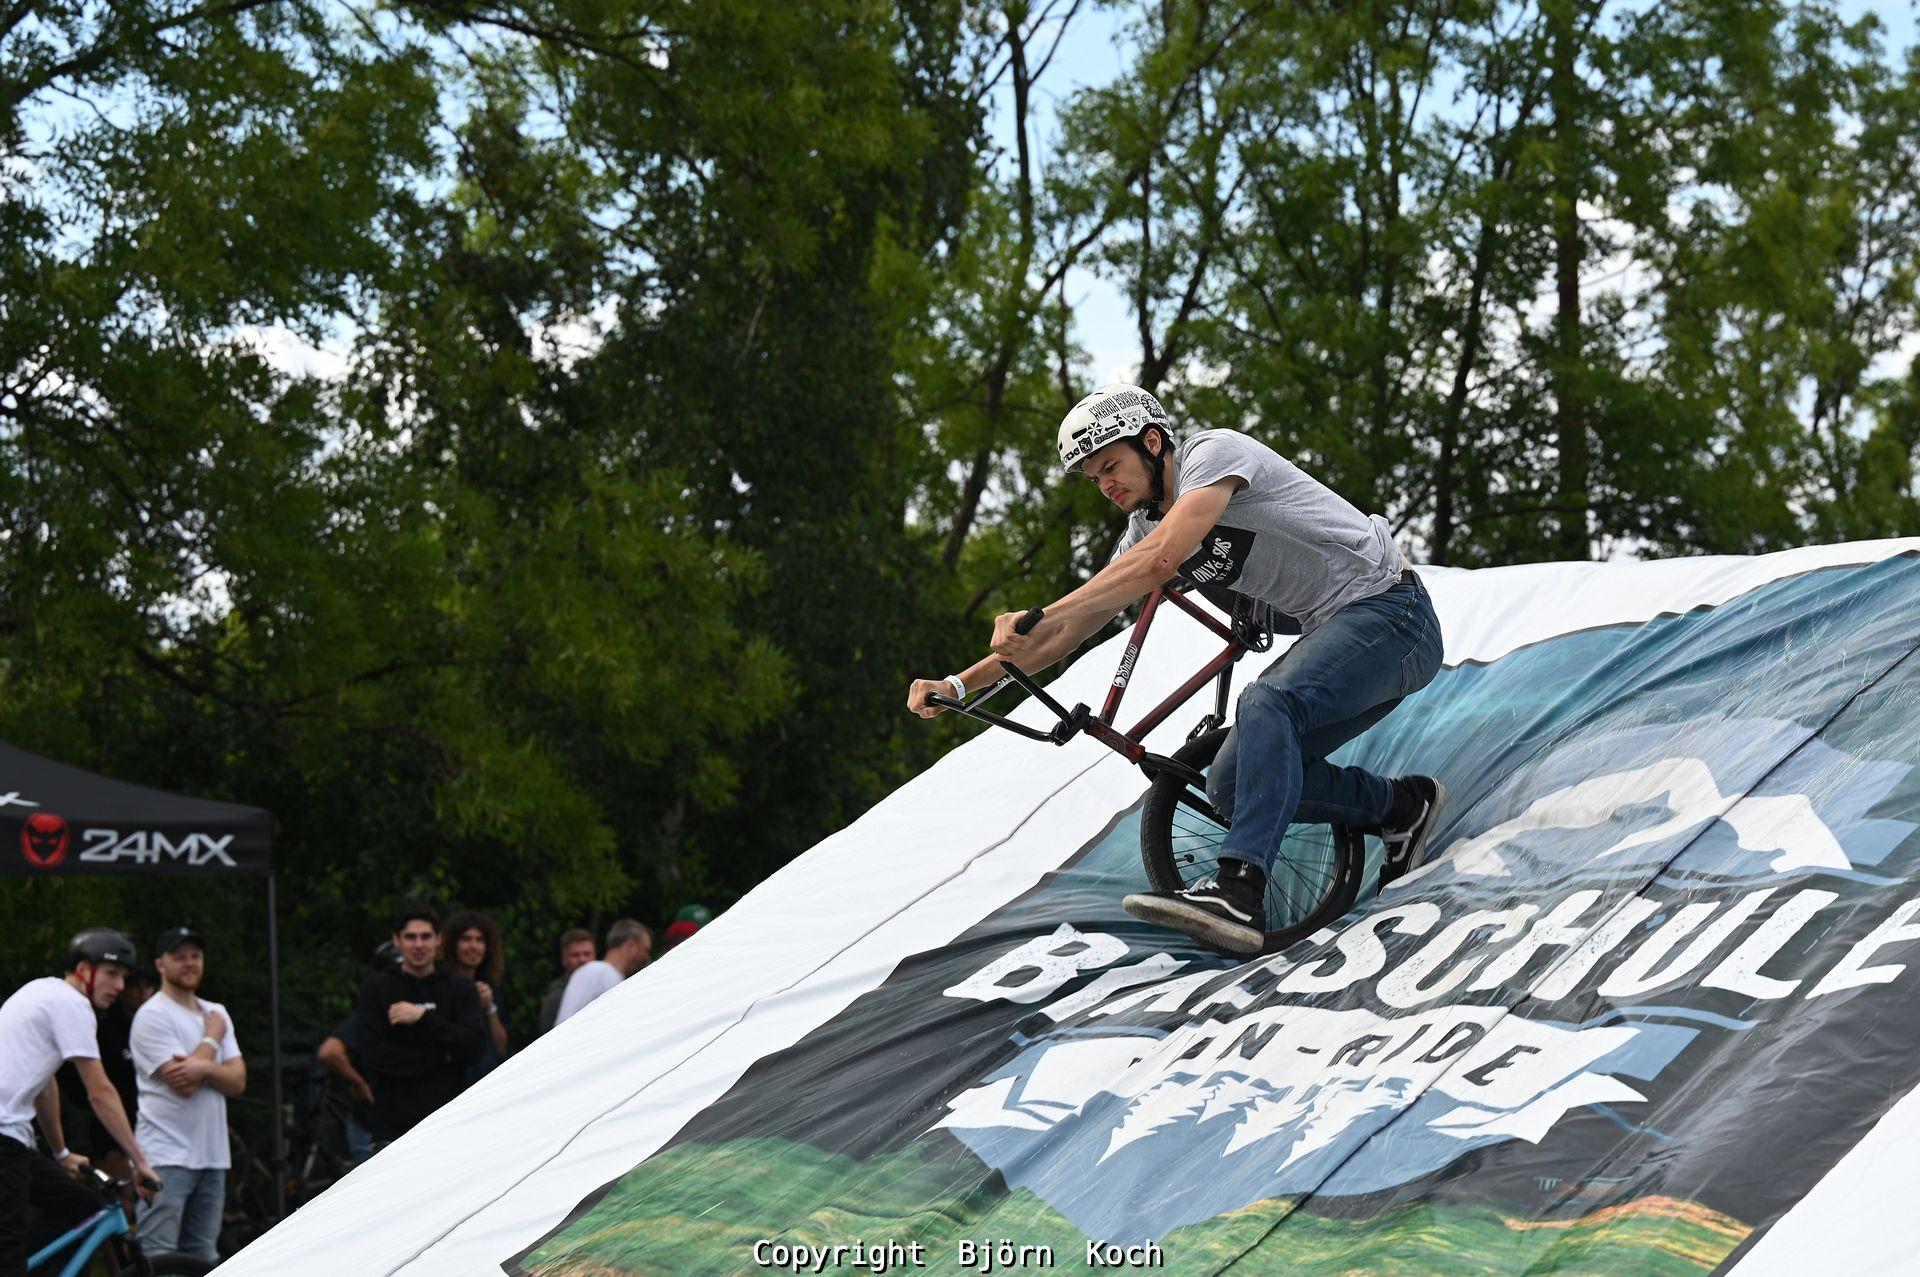 08.08.2021, Bochum, Jumpin Westpark. Bild: Bei JUMPIN WESTPARK wird der Platz rund um die große Graffiti-Wall gegenüber der Erzbahnschwinge im Westpark am Sonntag, den 8.8.2021, zum Schauplatz von Action und Musik. Zwischen 15:30 Uhr und 19:00 Uhr performen waghalsige Biker von URBANATIX sowie Hobby-Biker auf einem mobilen Set-Up aus Absprung und Landung oberhalb der Jahrhunderthalle Bochum. Begleitet wird die Aktion mit einem Urban Beats Set von URBANATIX-DJ-F-Zee. - Foto: Björn Koch